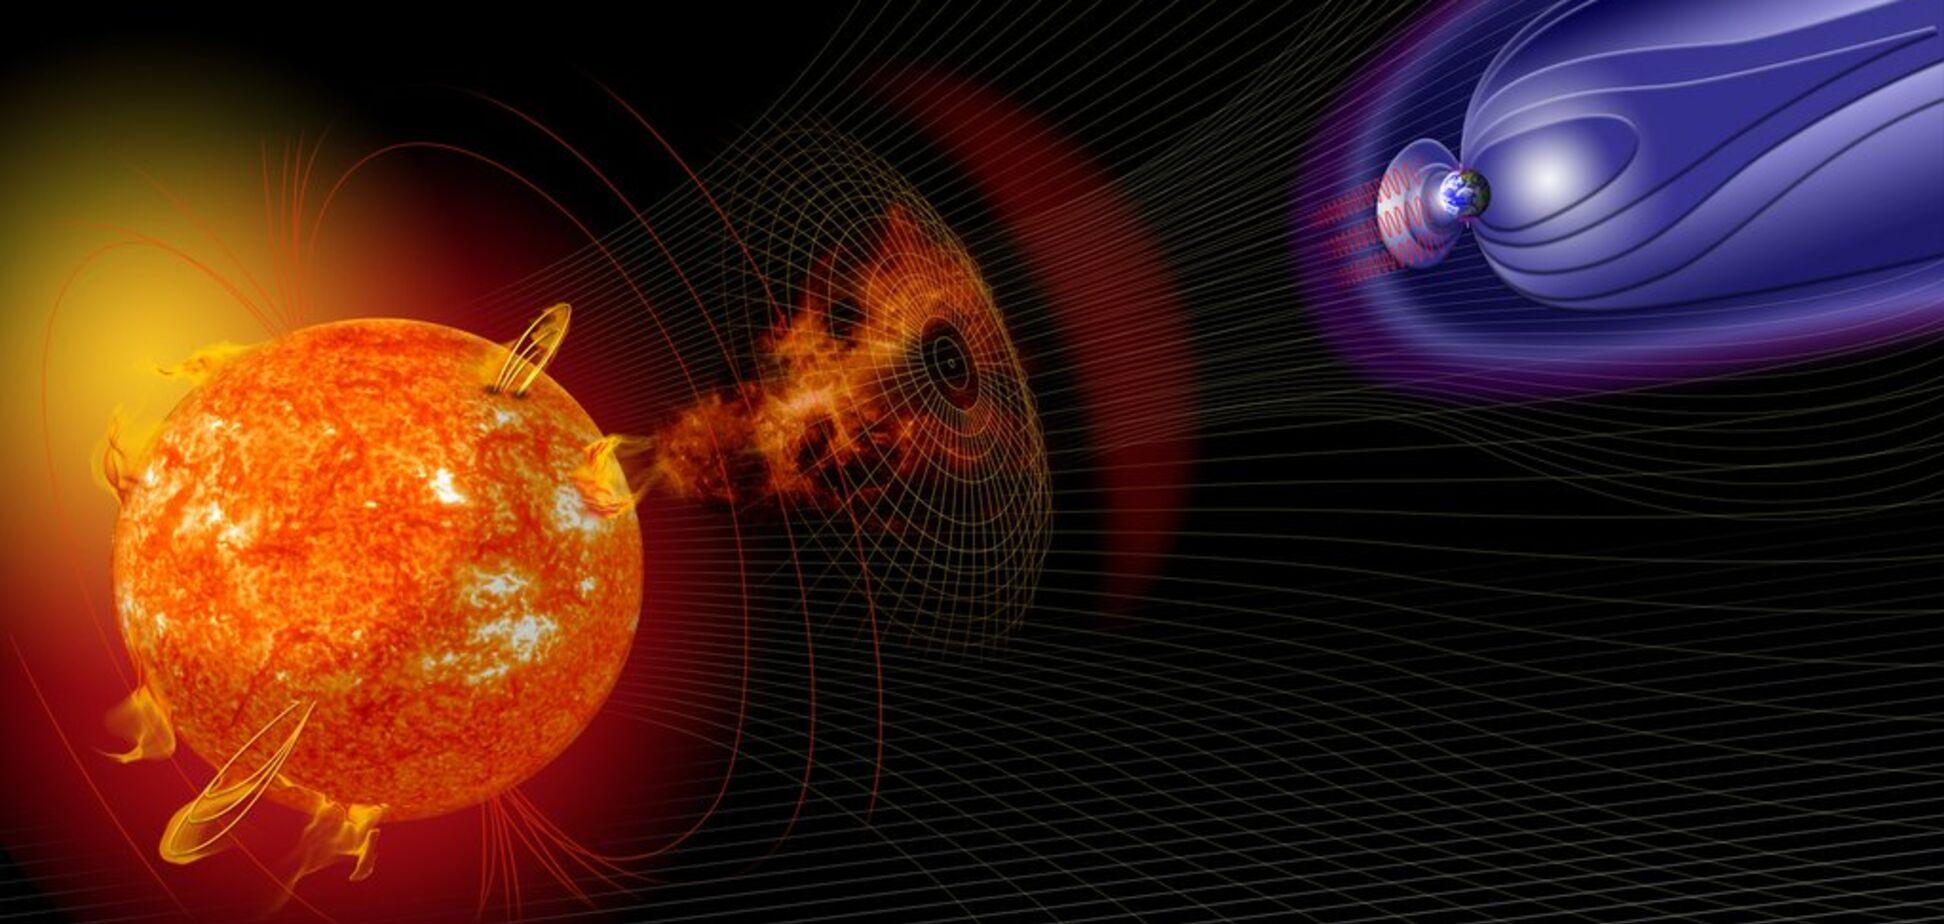 Землю накрила суперпотужна магнітна буря? Астроном дав відповідь